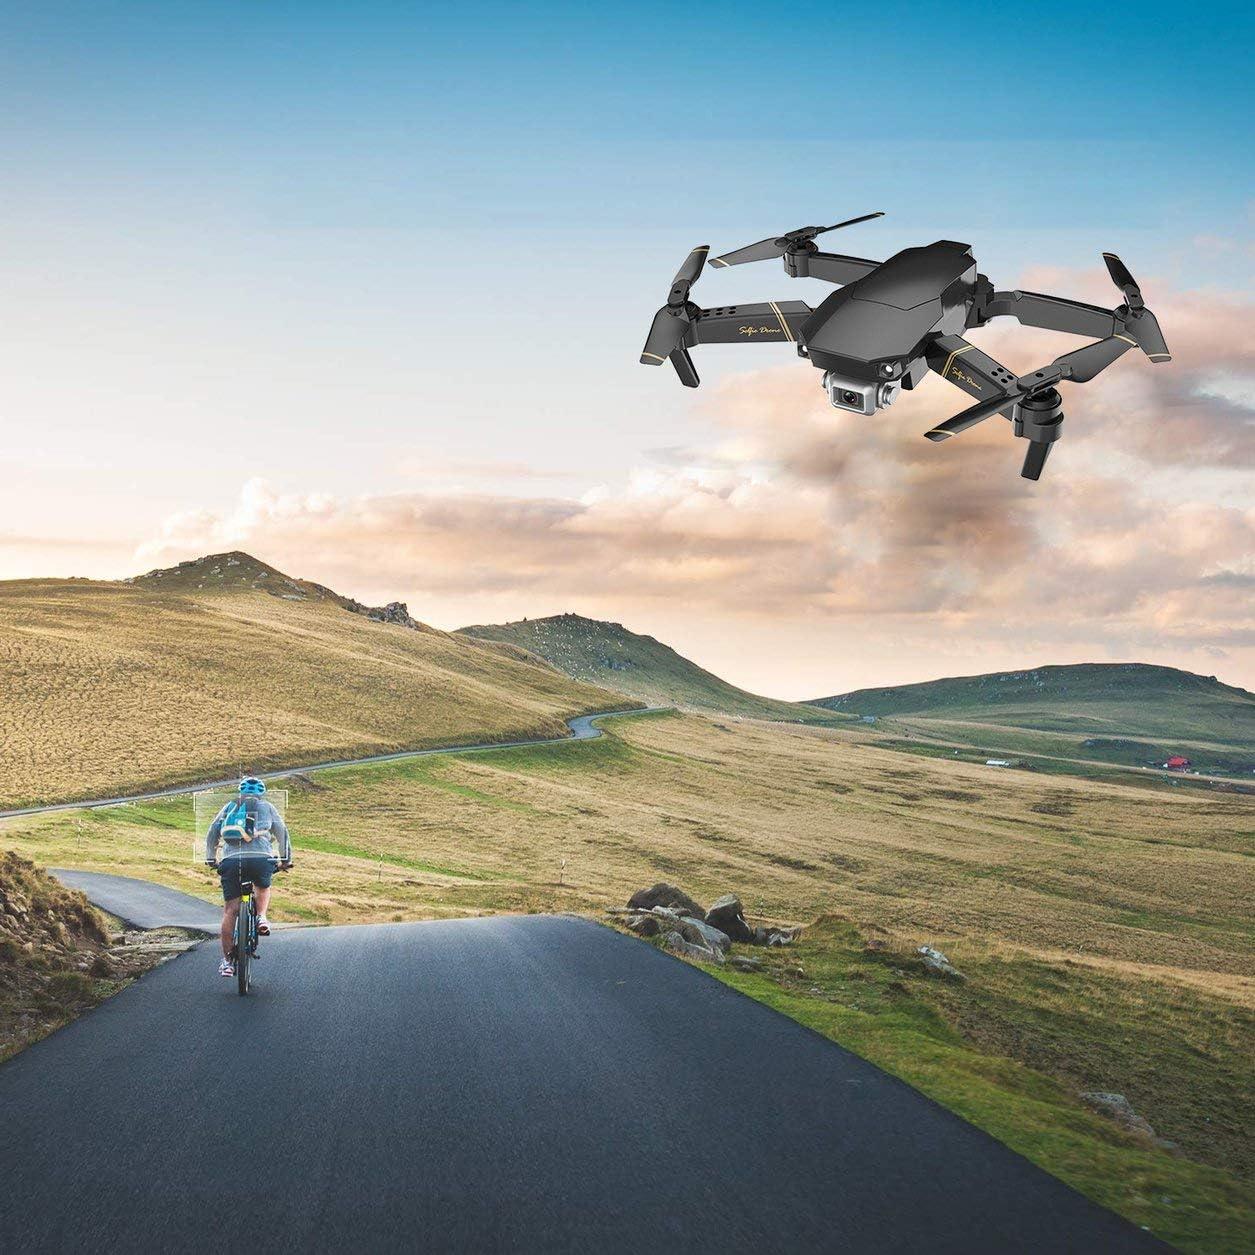 GD89 WiFi FPV con cámara 1080P HD 15 Minutos Tiempo de Vuelo Alitute Hold Modo Brazo Plegable Drone para avión RC con batería 3 * - Negro: Amazon.es: Electrónica